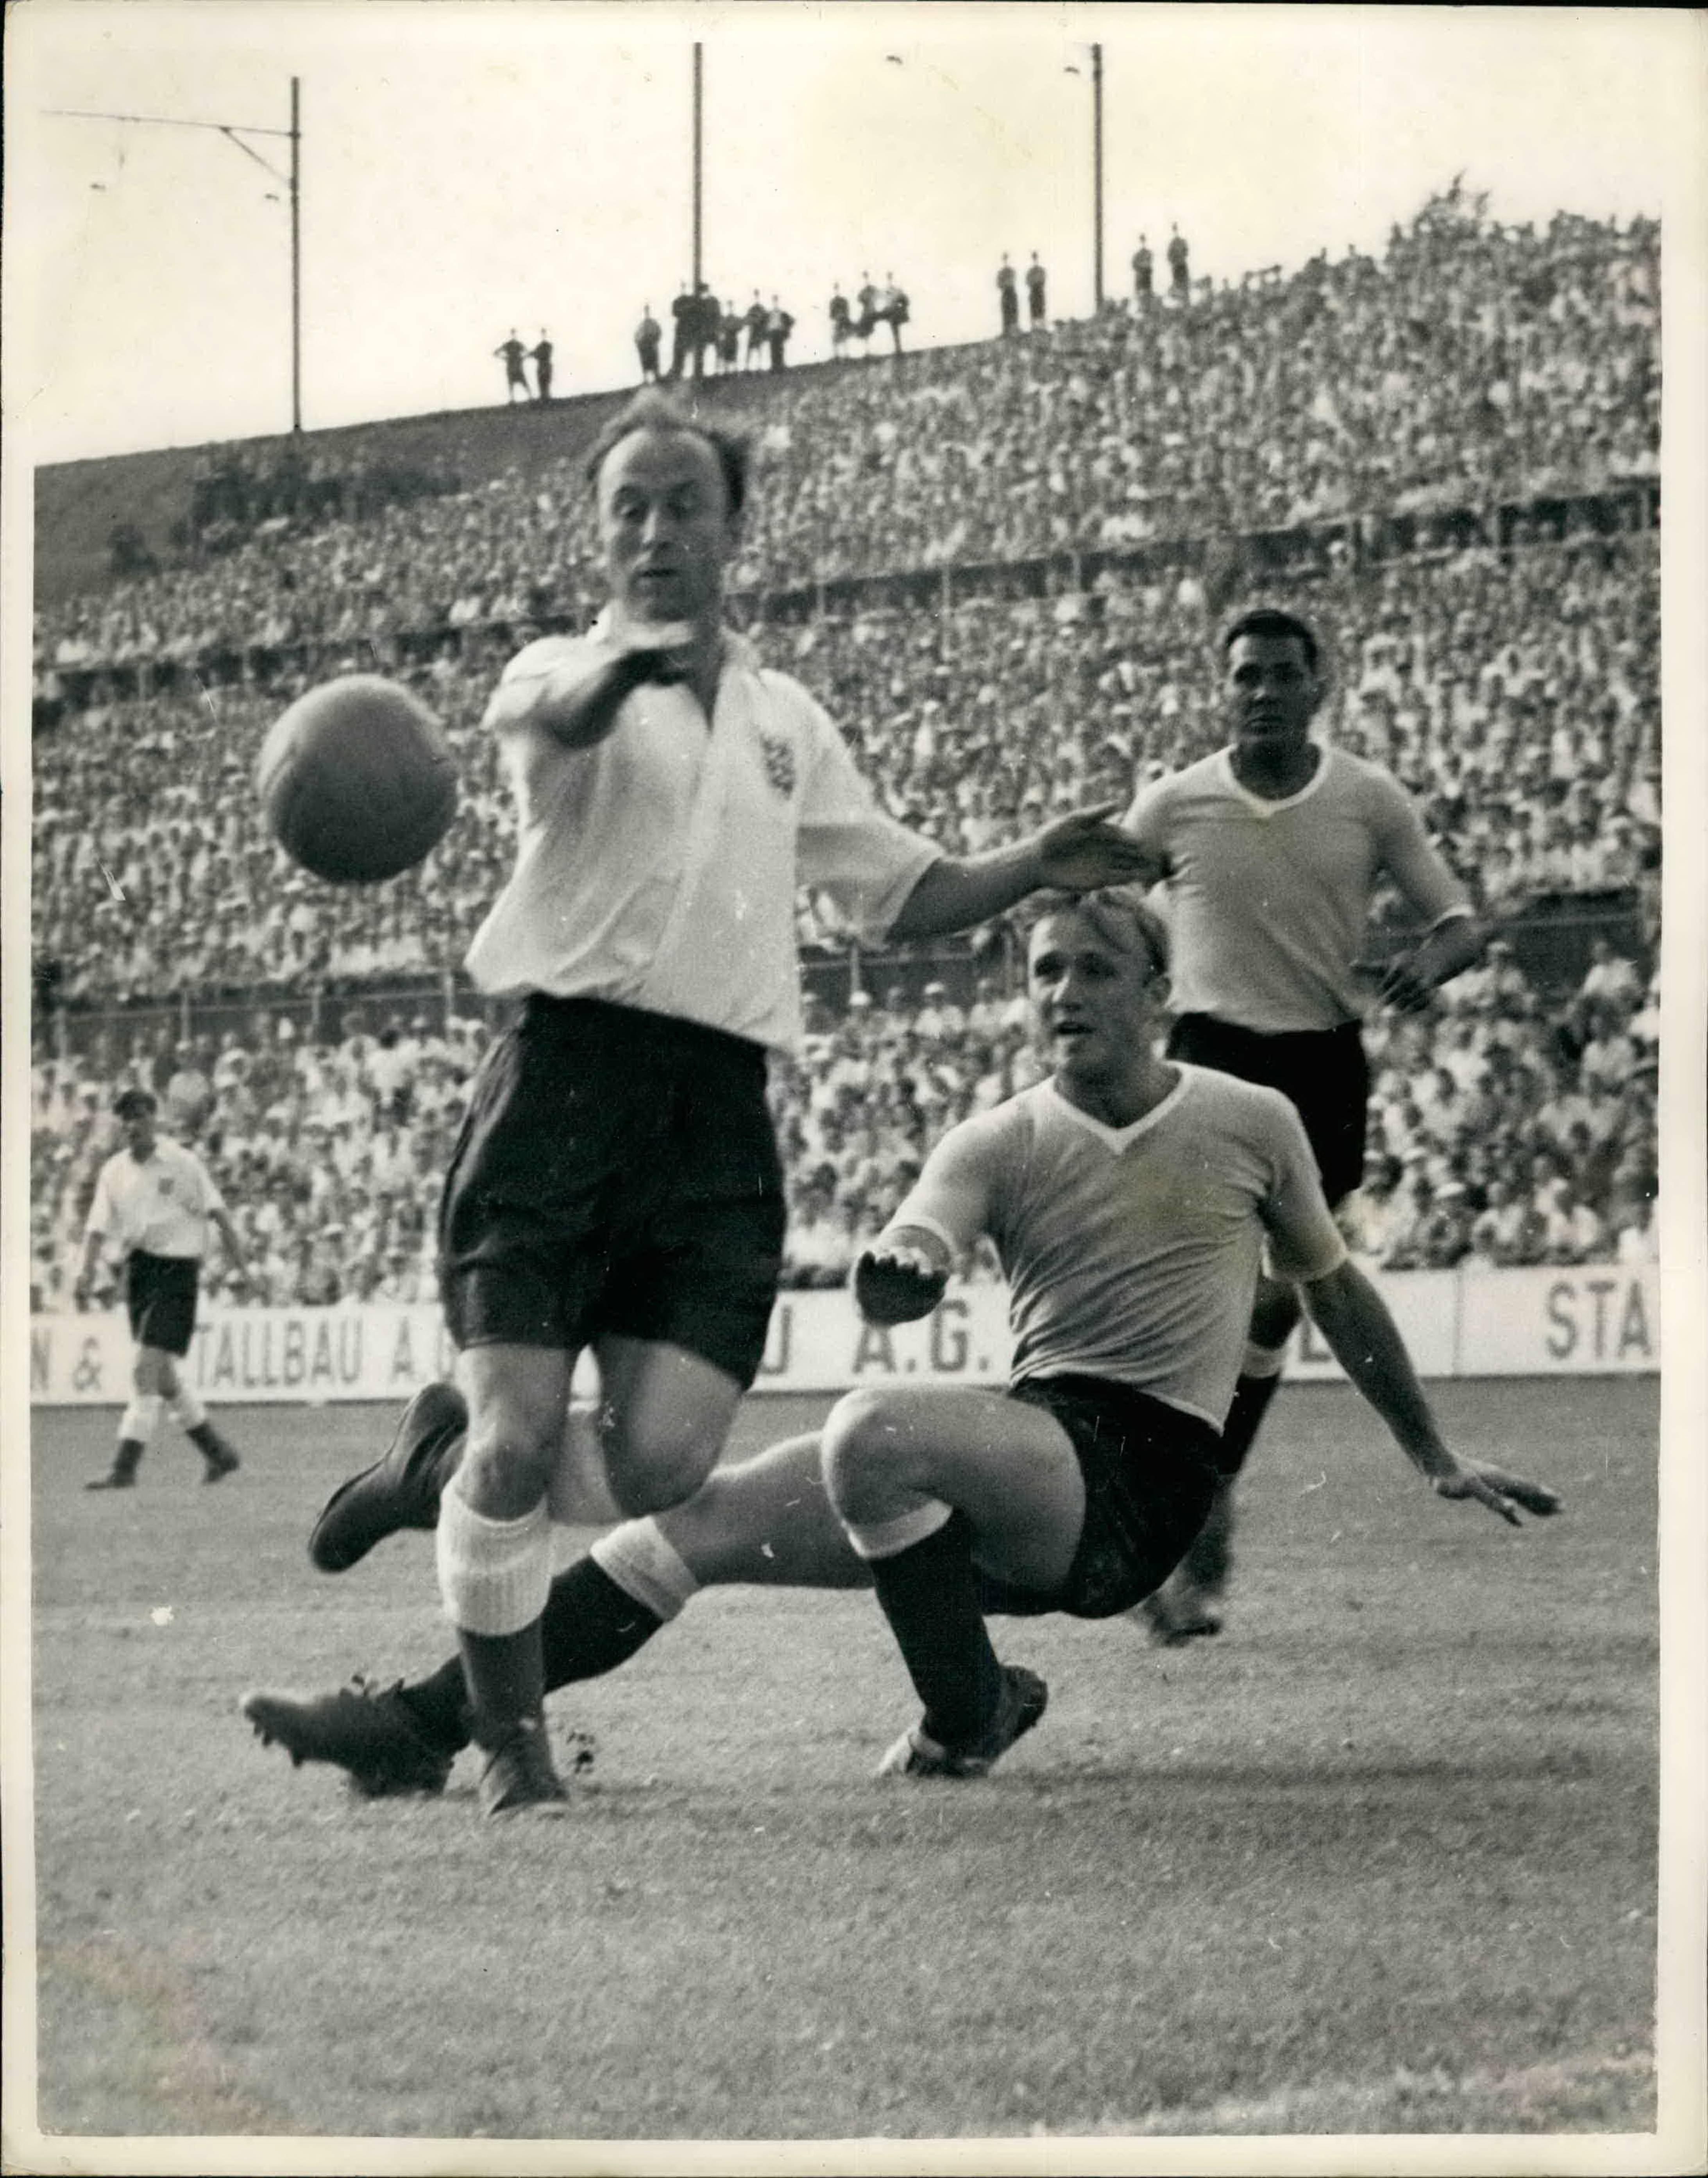 Айвор Бродис (сборная Англии, слева) и Виллиам Мартинес (Уругвай, справа) в матче чемпионата мира-1954